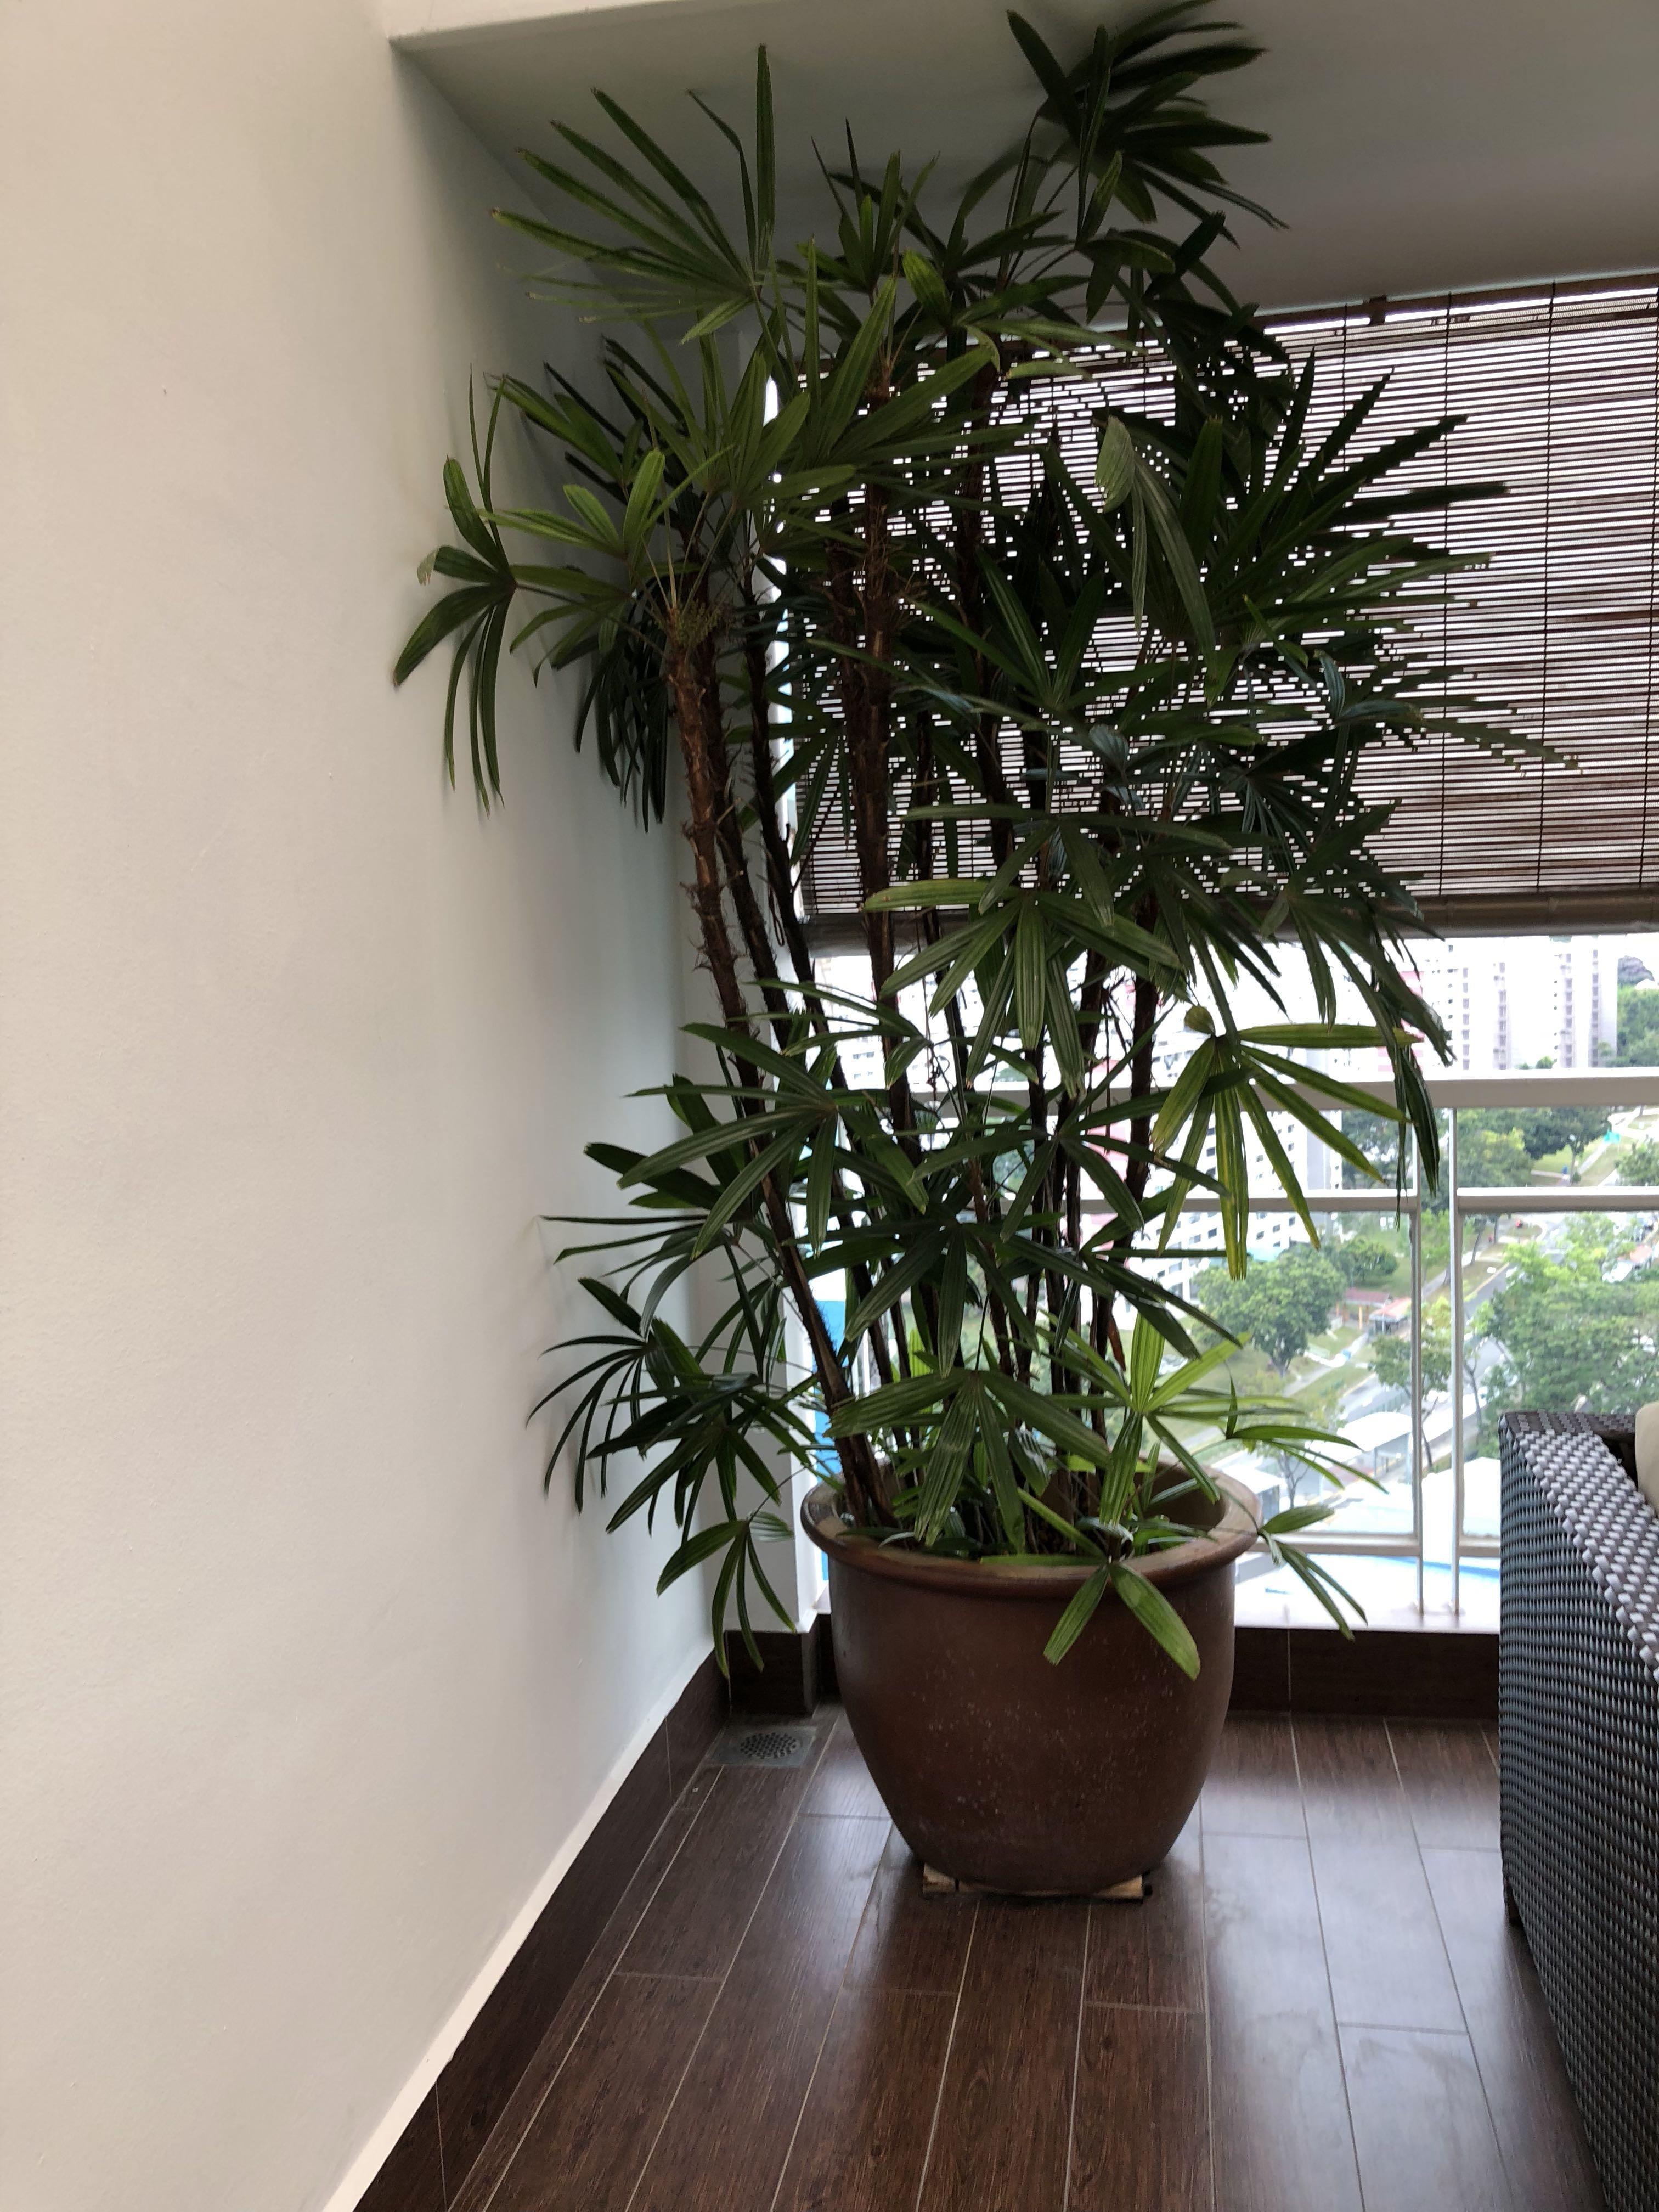 Glazed terracotta plant pots - 50cm diameter,60 cm height